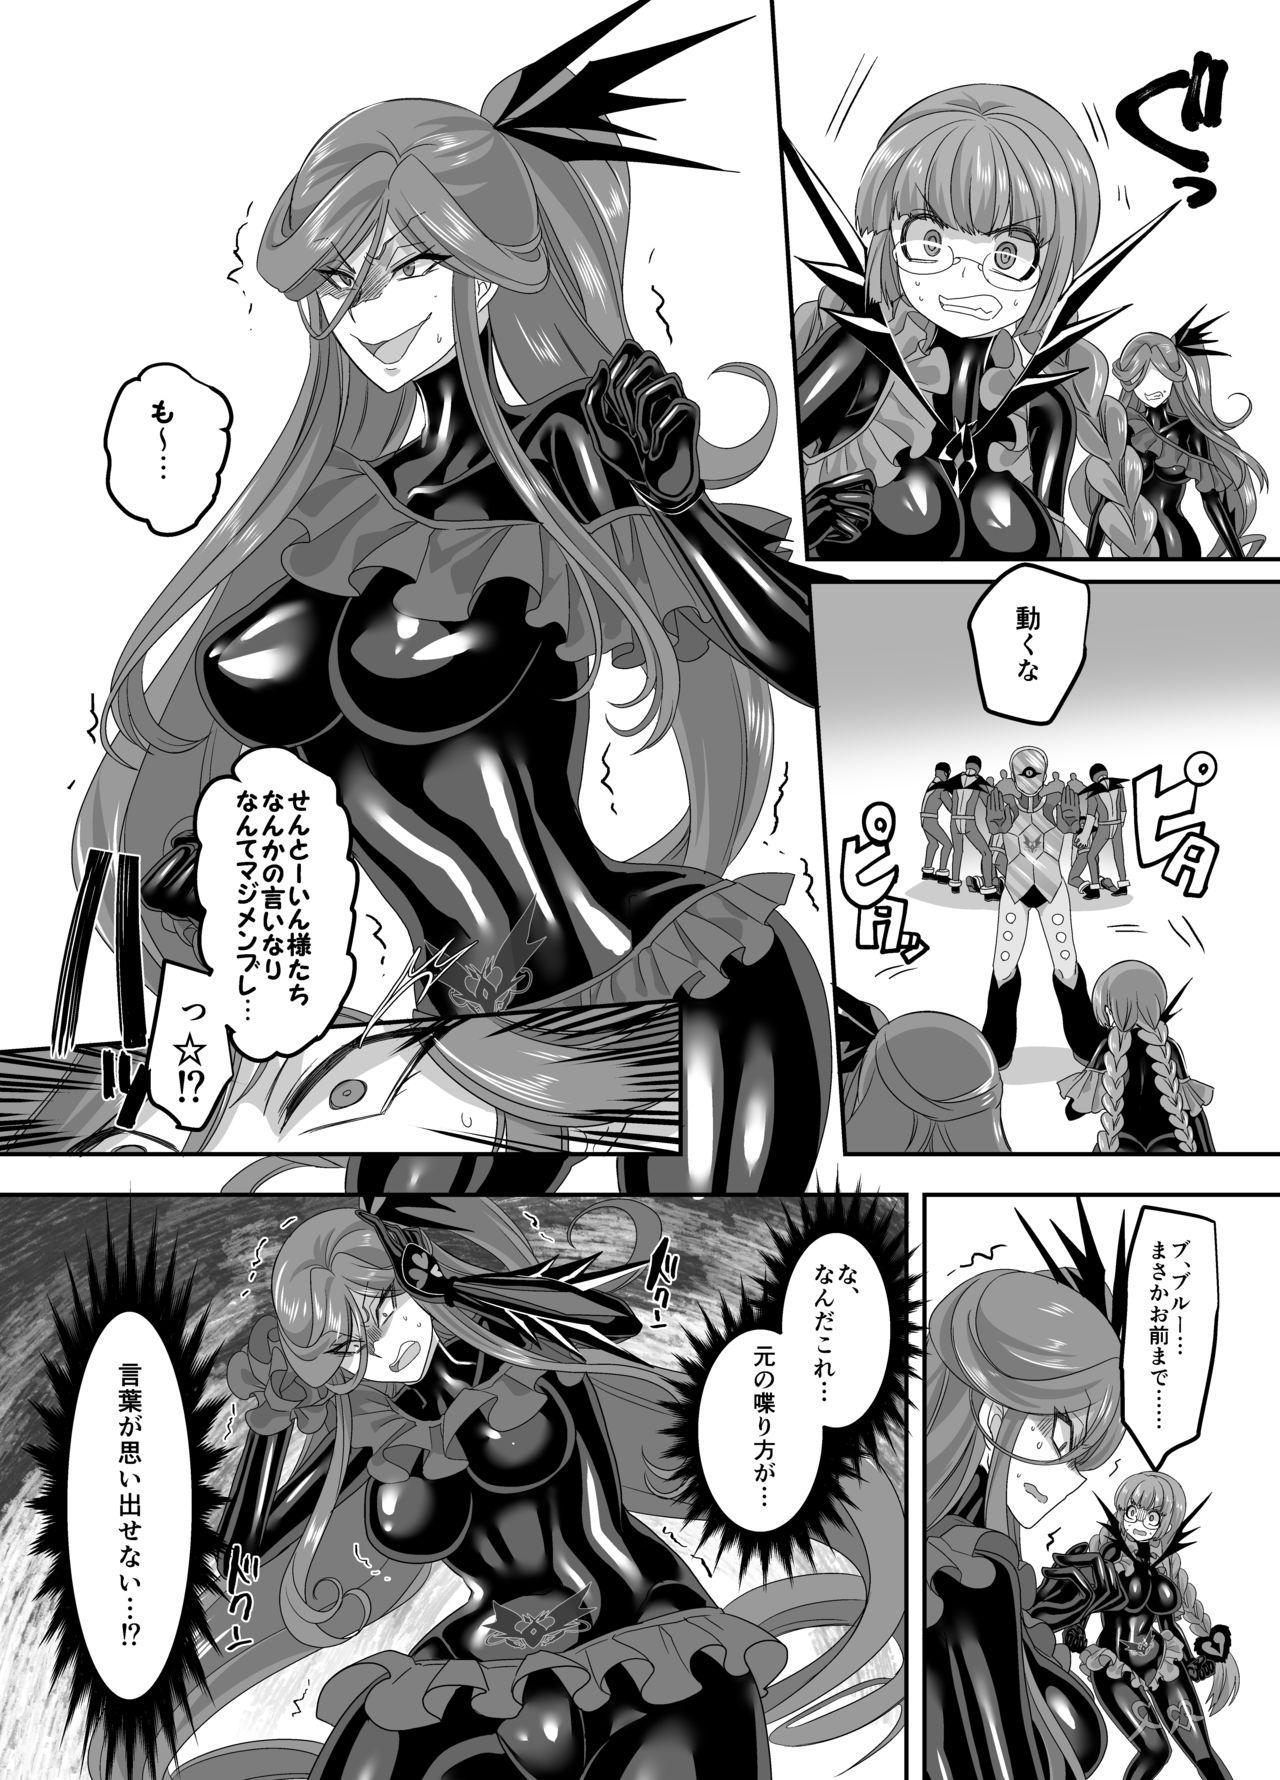 Saikyou no Seigi no Hero wa Kagami no Naka dewa Saijaku no Kaijin 26